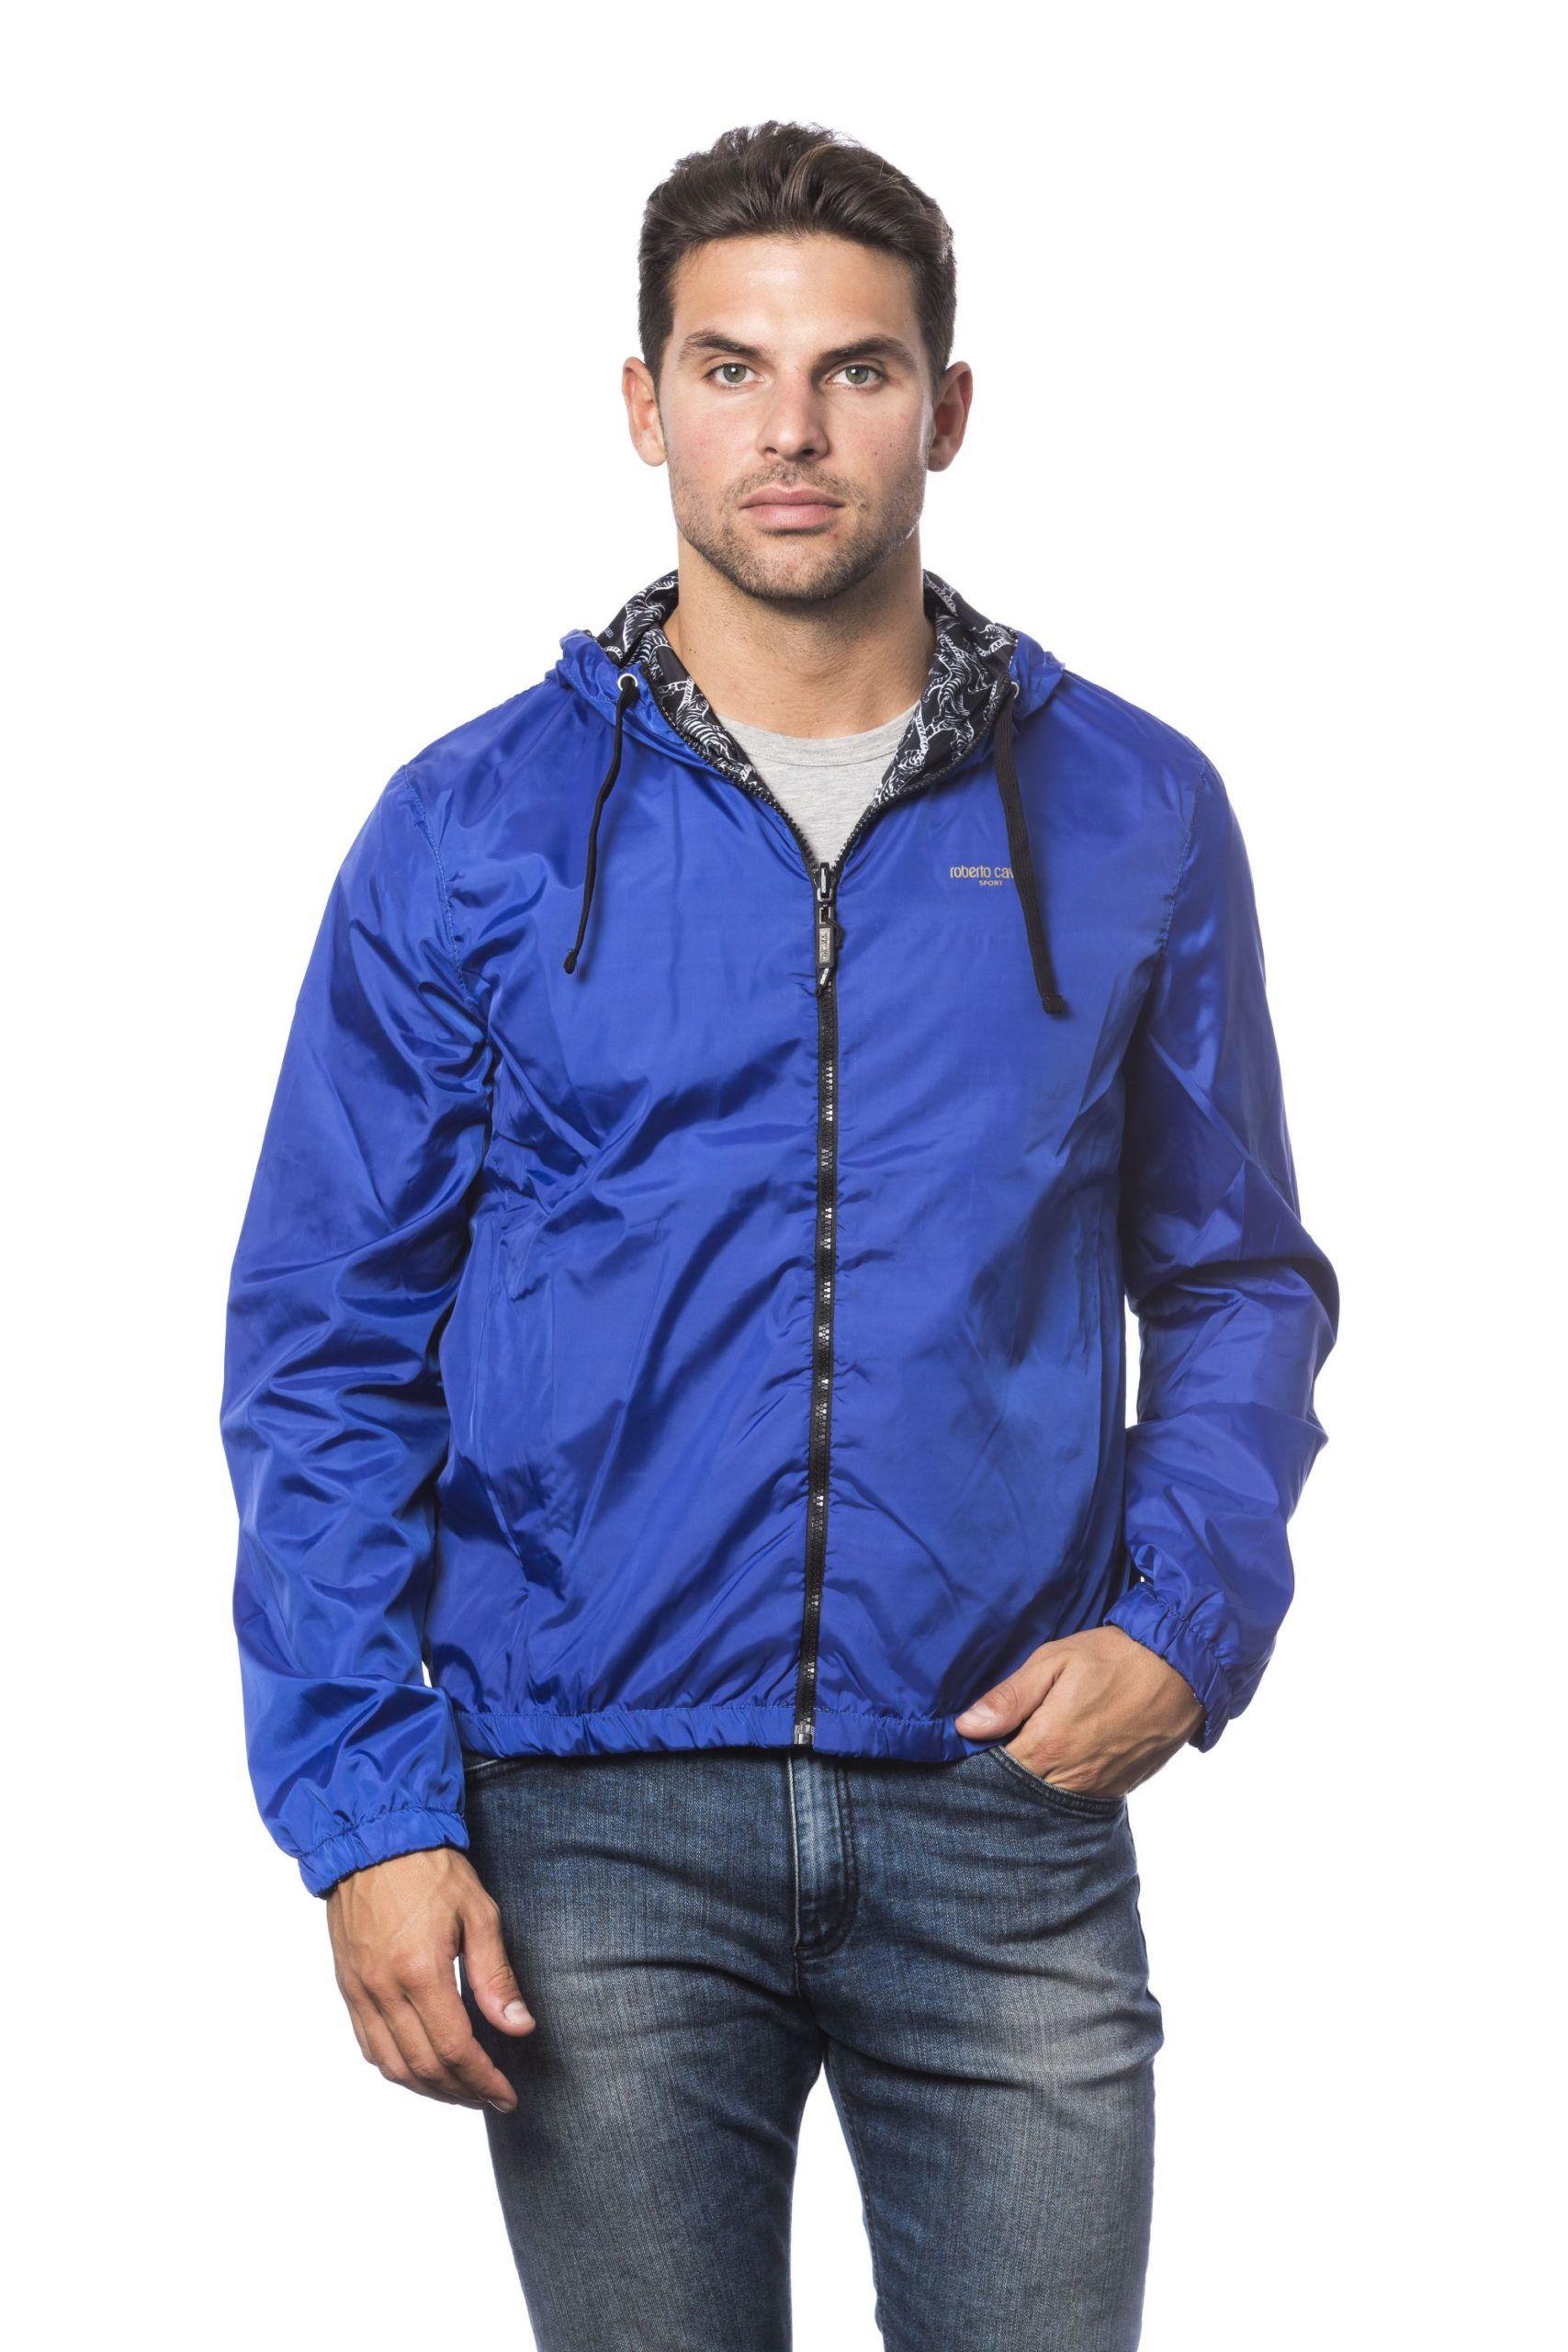 Roberto Cavalli Sport Royal Jacket